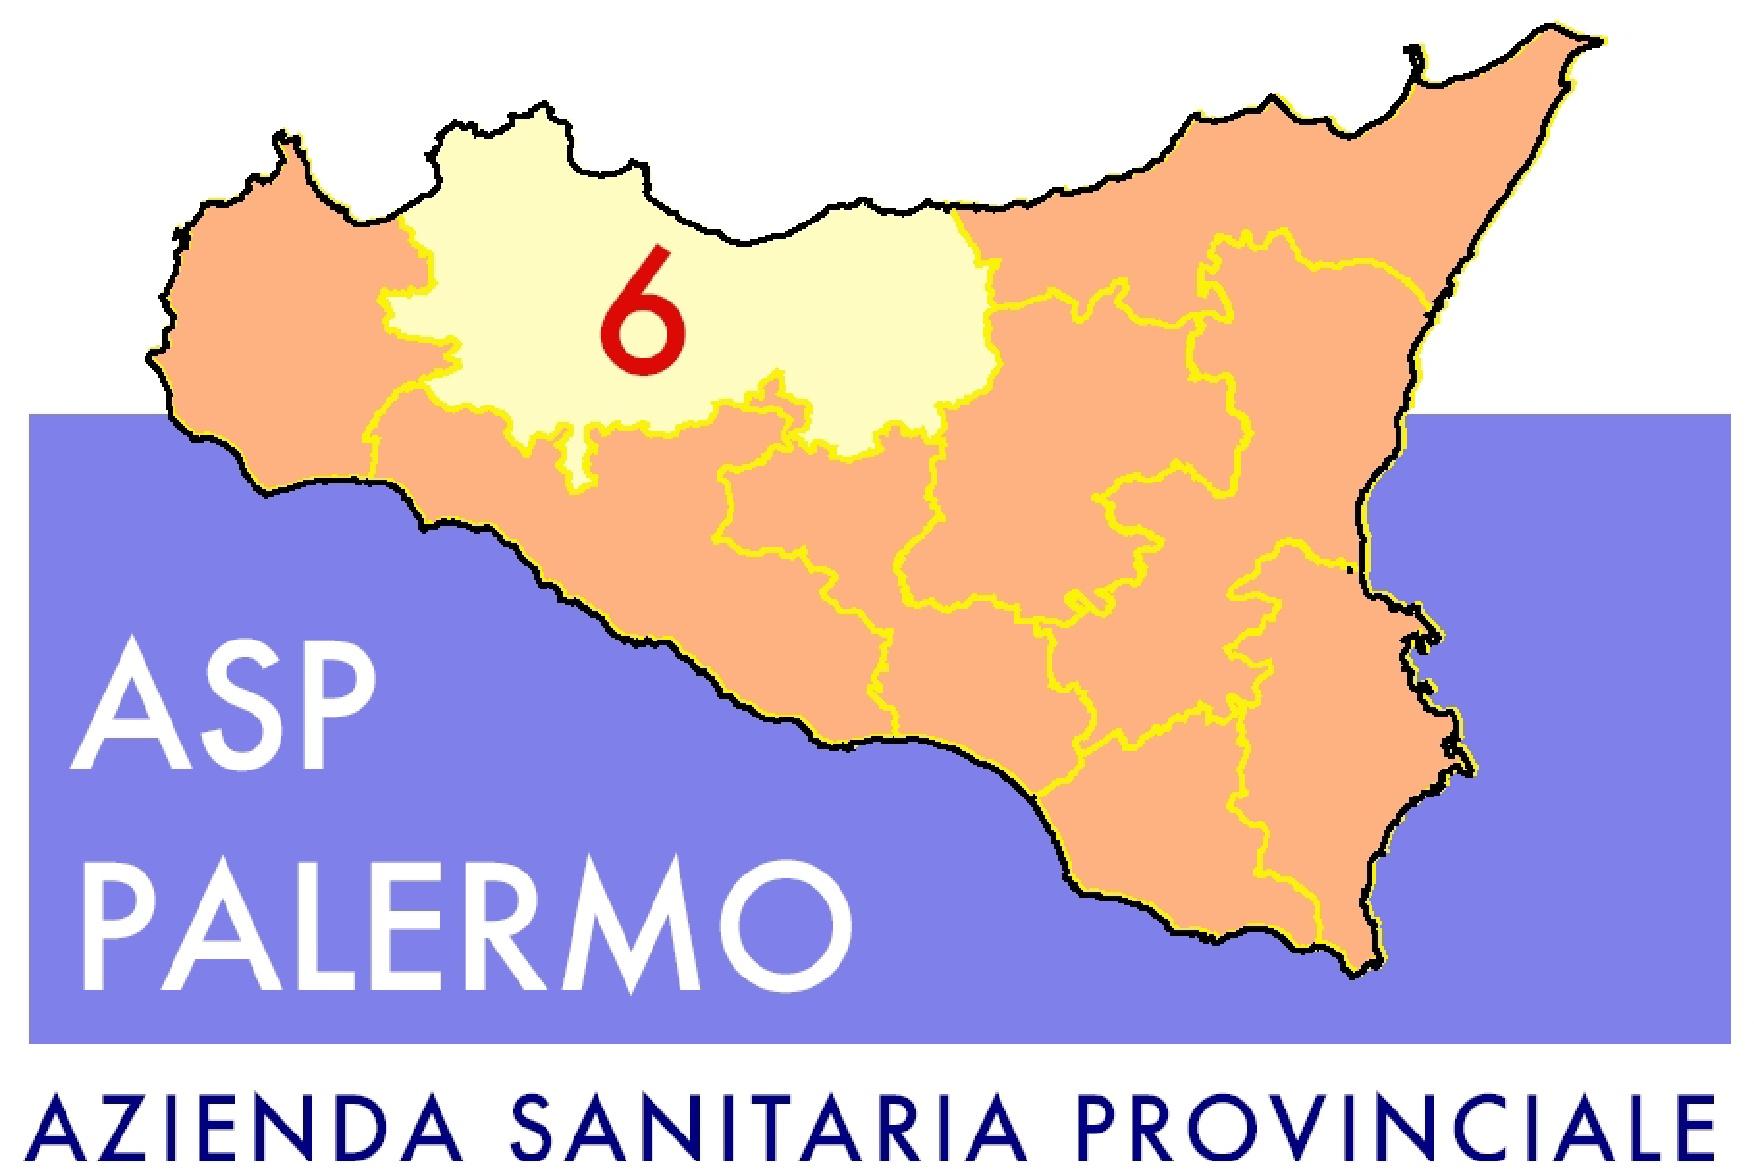 Azienda USL 6 Palermo